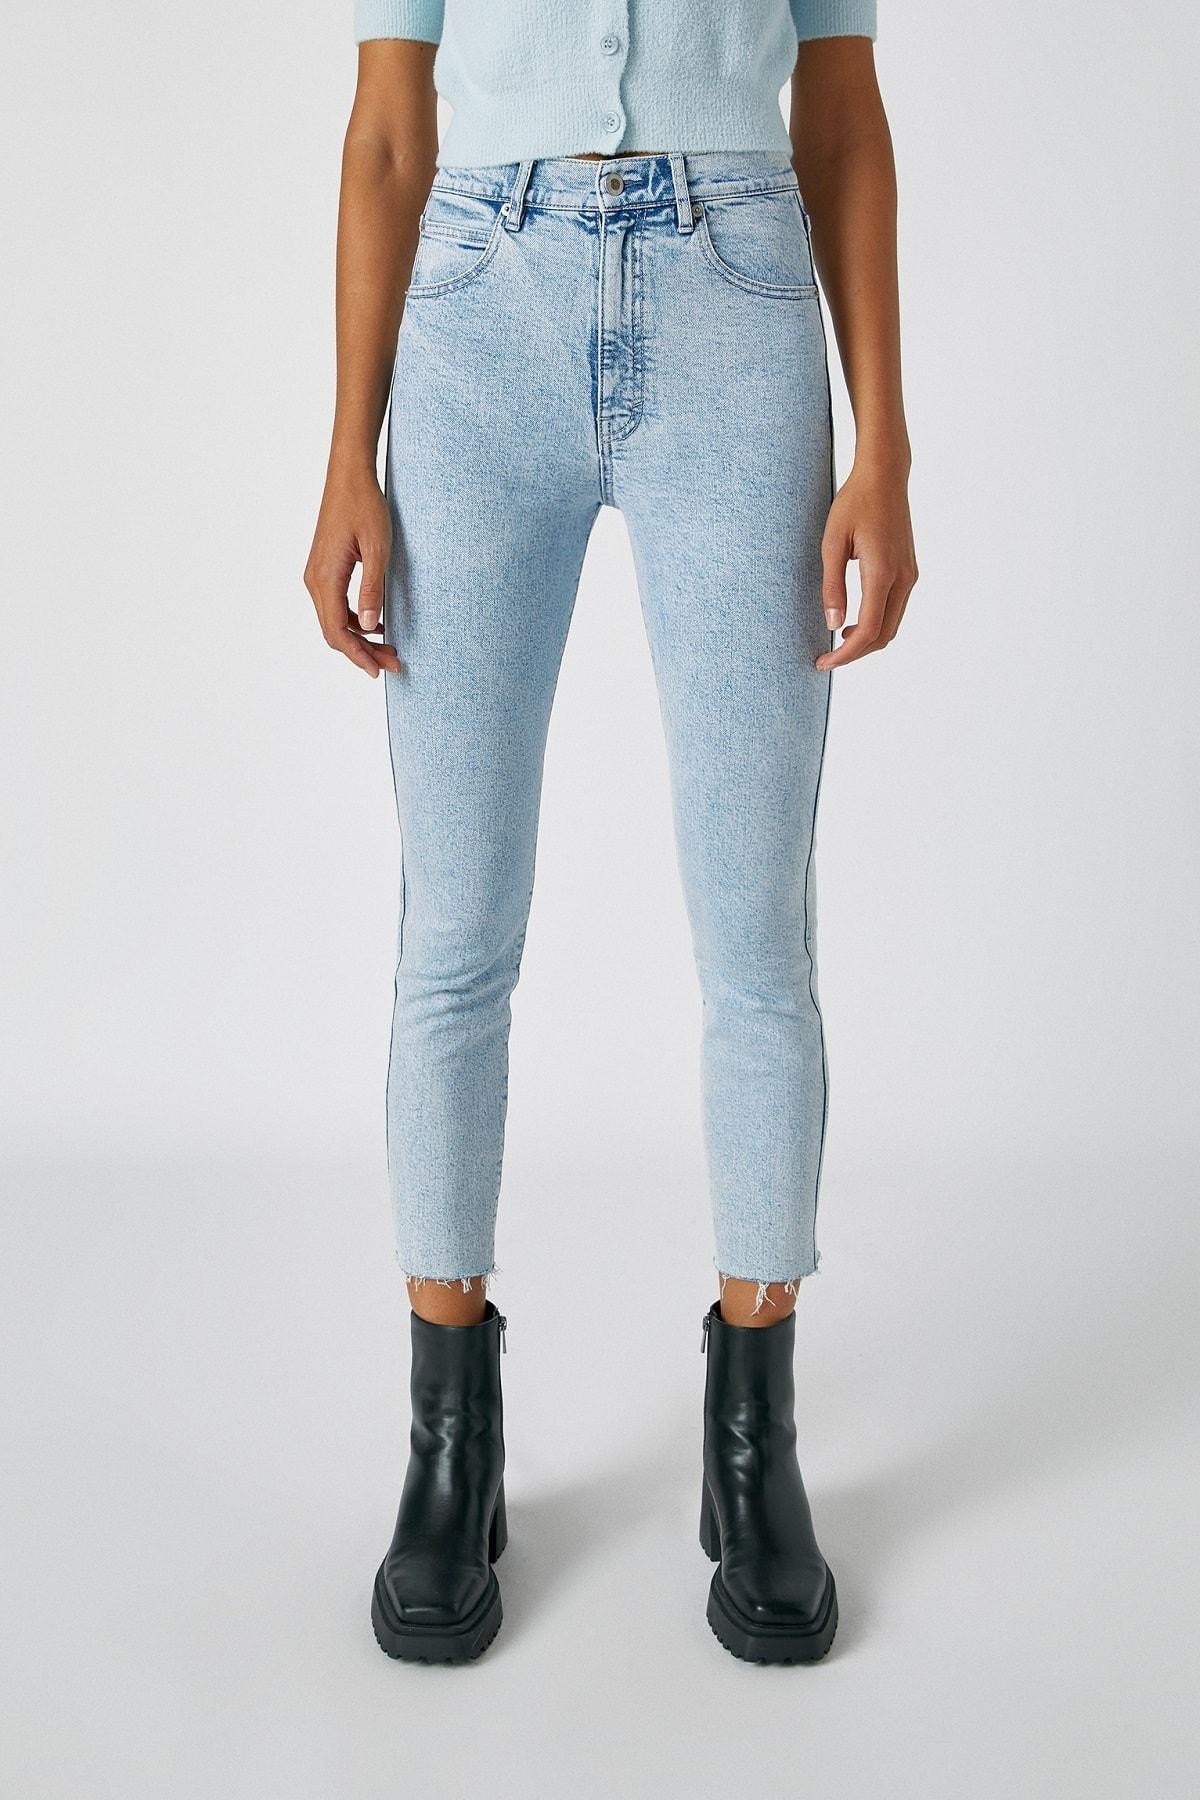 Pull & Bear Kadın Açık Mavi Comfort Slim Fit Mom Jean 05682305 4